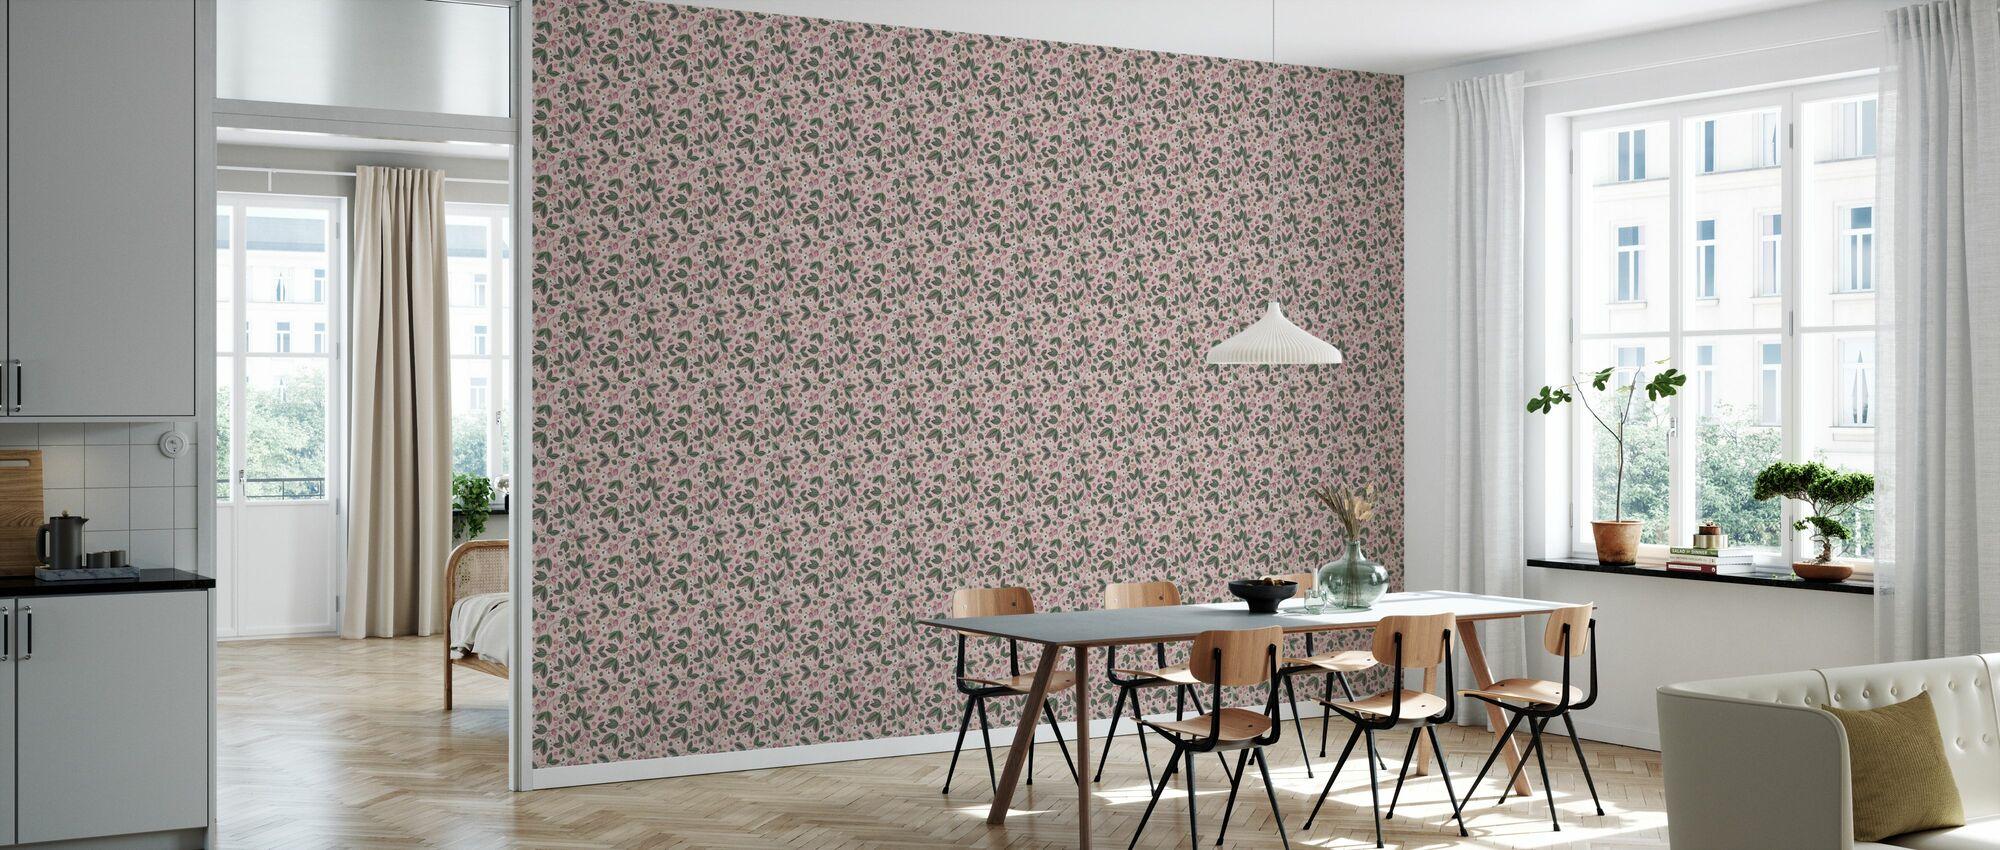 The Raspberry Garden Pink - Wallpaper - Kitchen